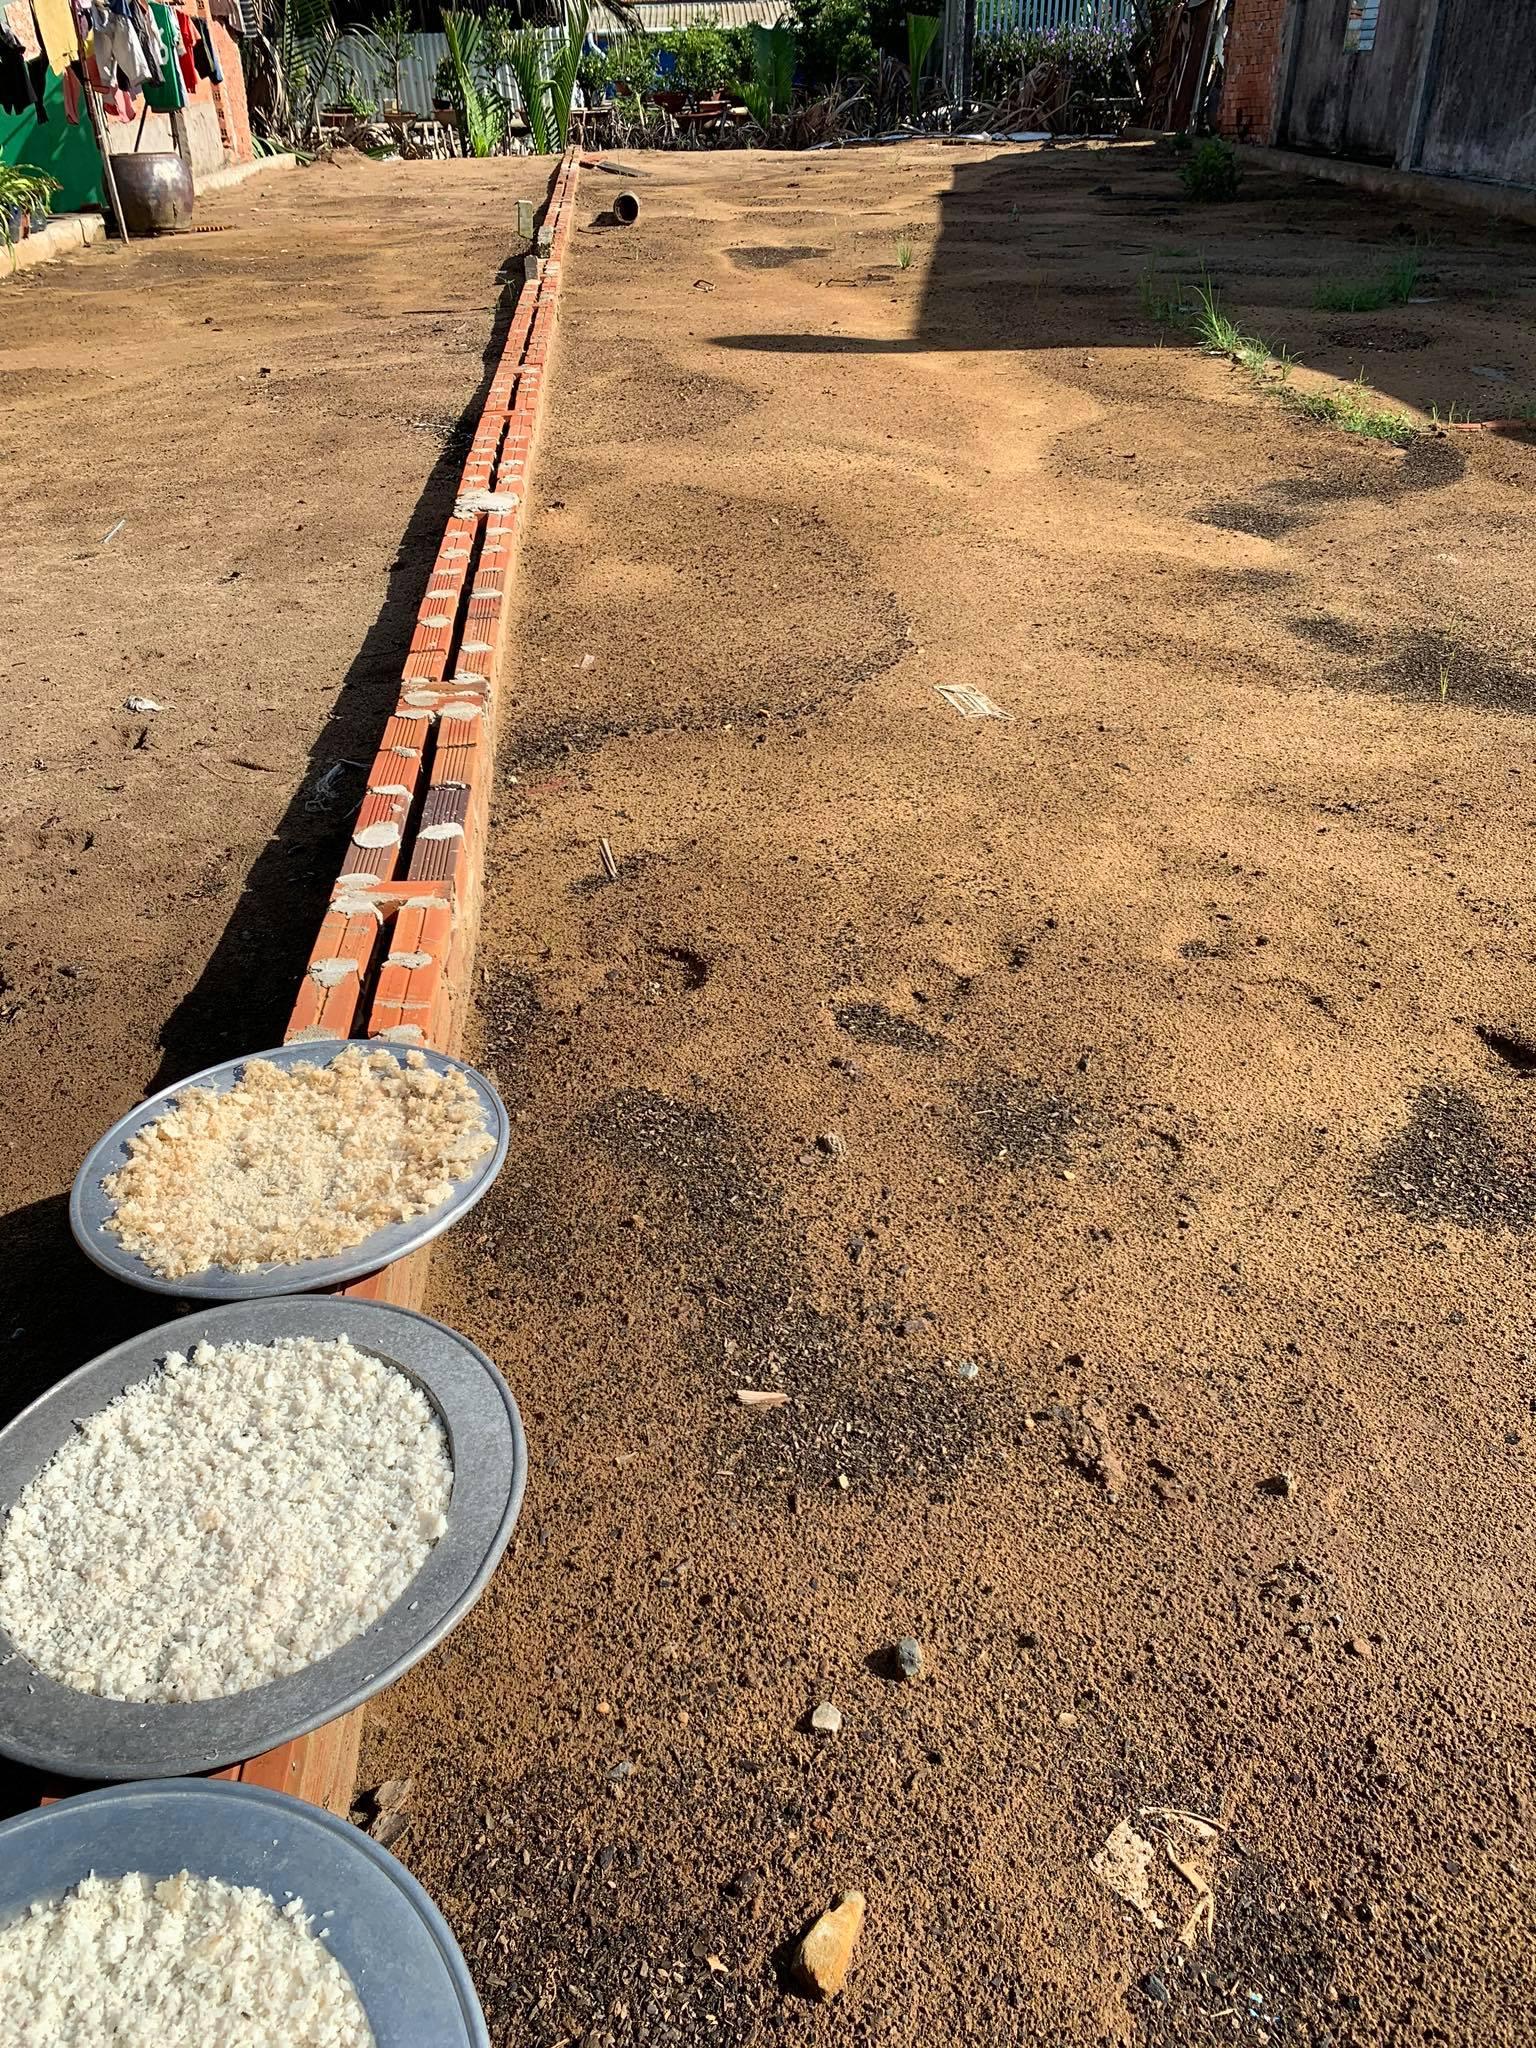 đất phú hữu nhơn trạch 1.7 tỷ